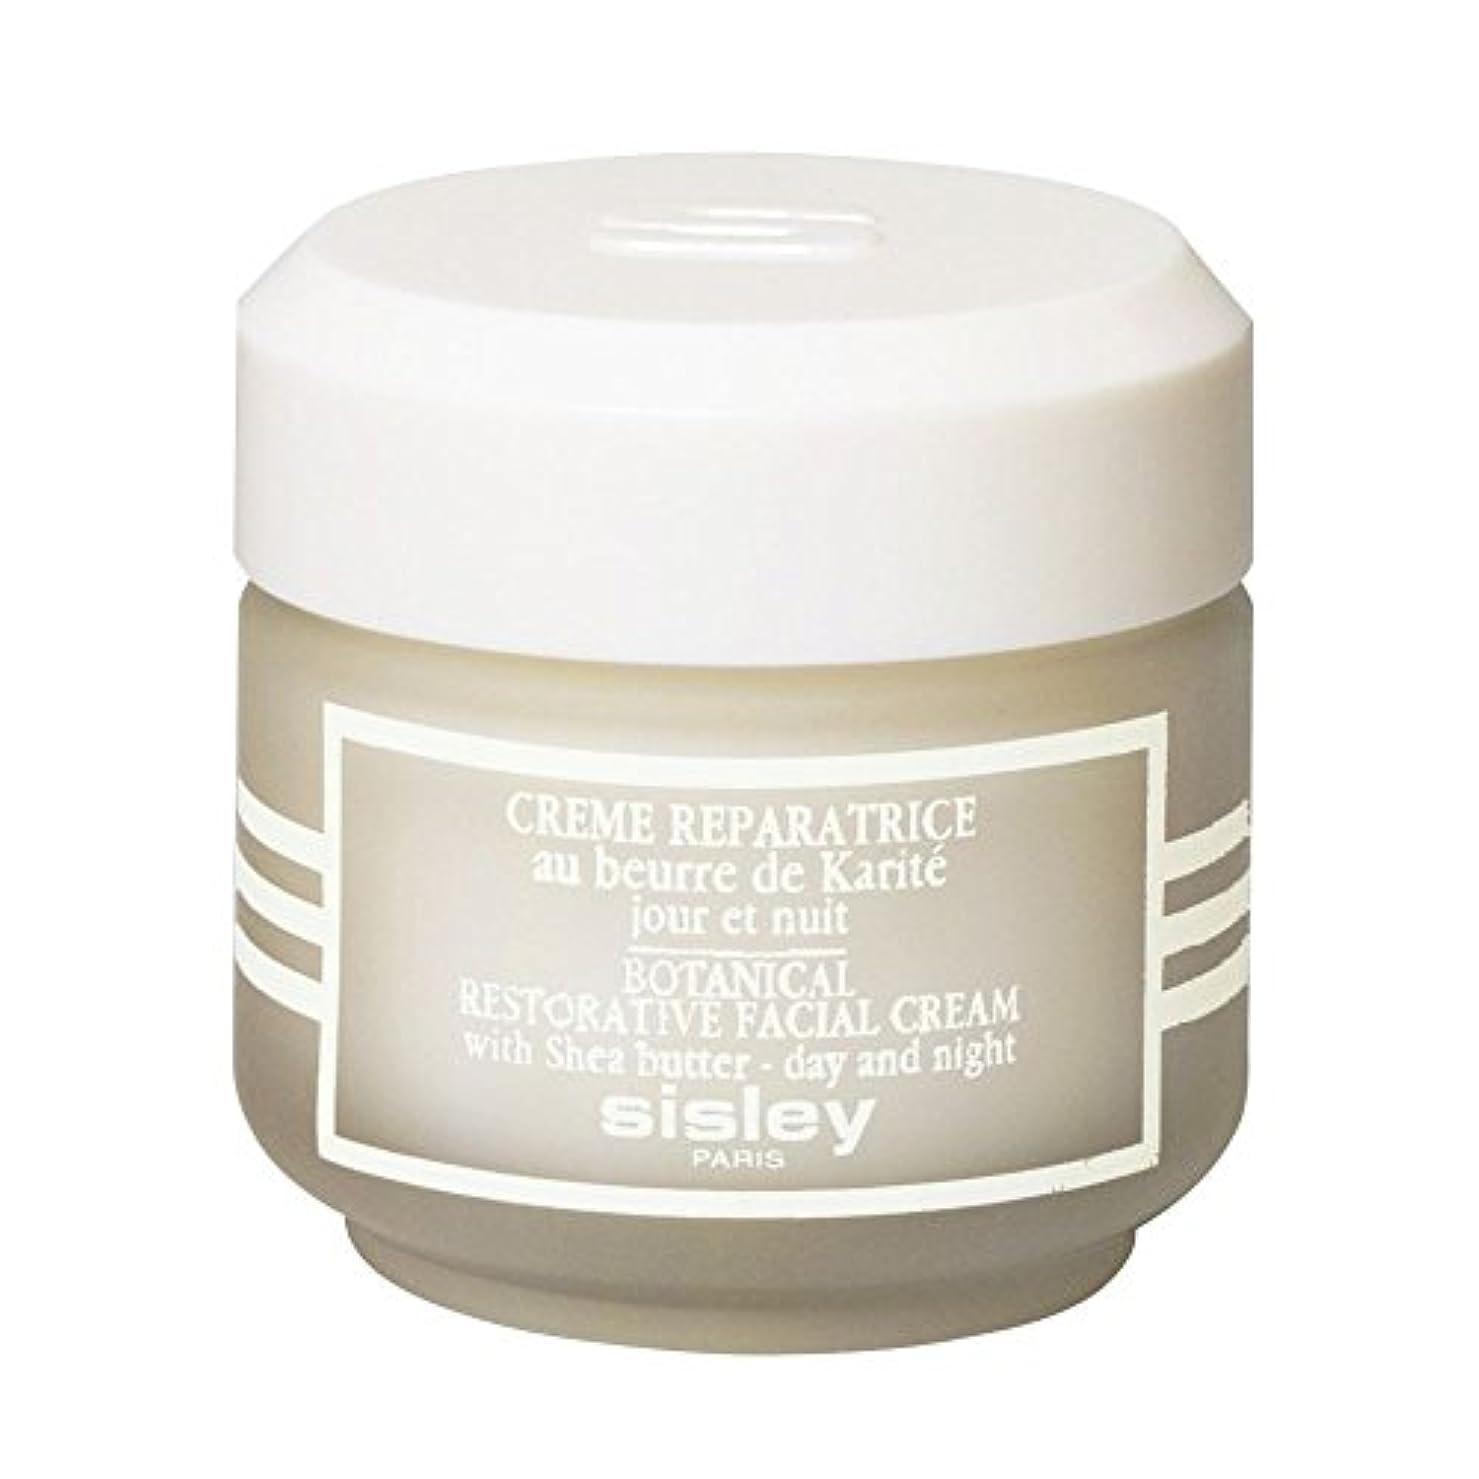 従来の投資する呪われた[Sisley] シスレーボタニカル修復フェイスクリーム、50ミリリットル - Sisley Botanical Restorative Face Cream, 50ml [並行輸入品]